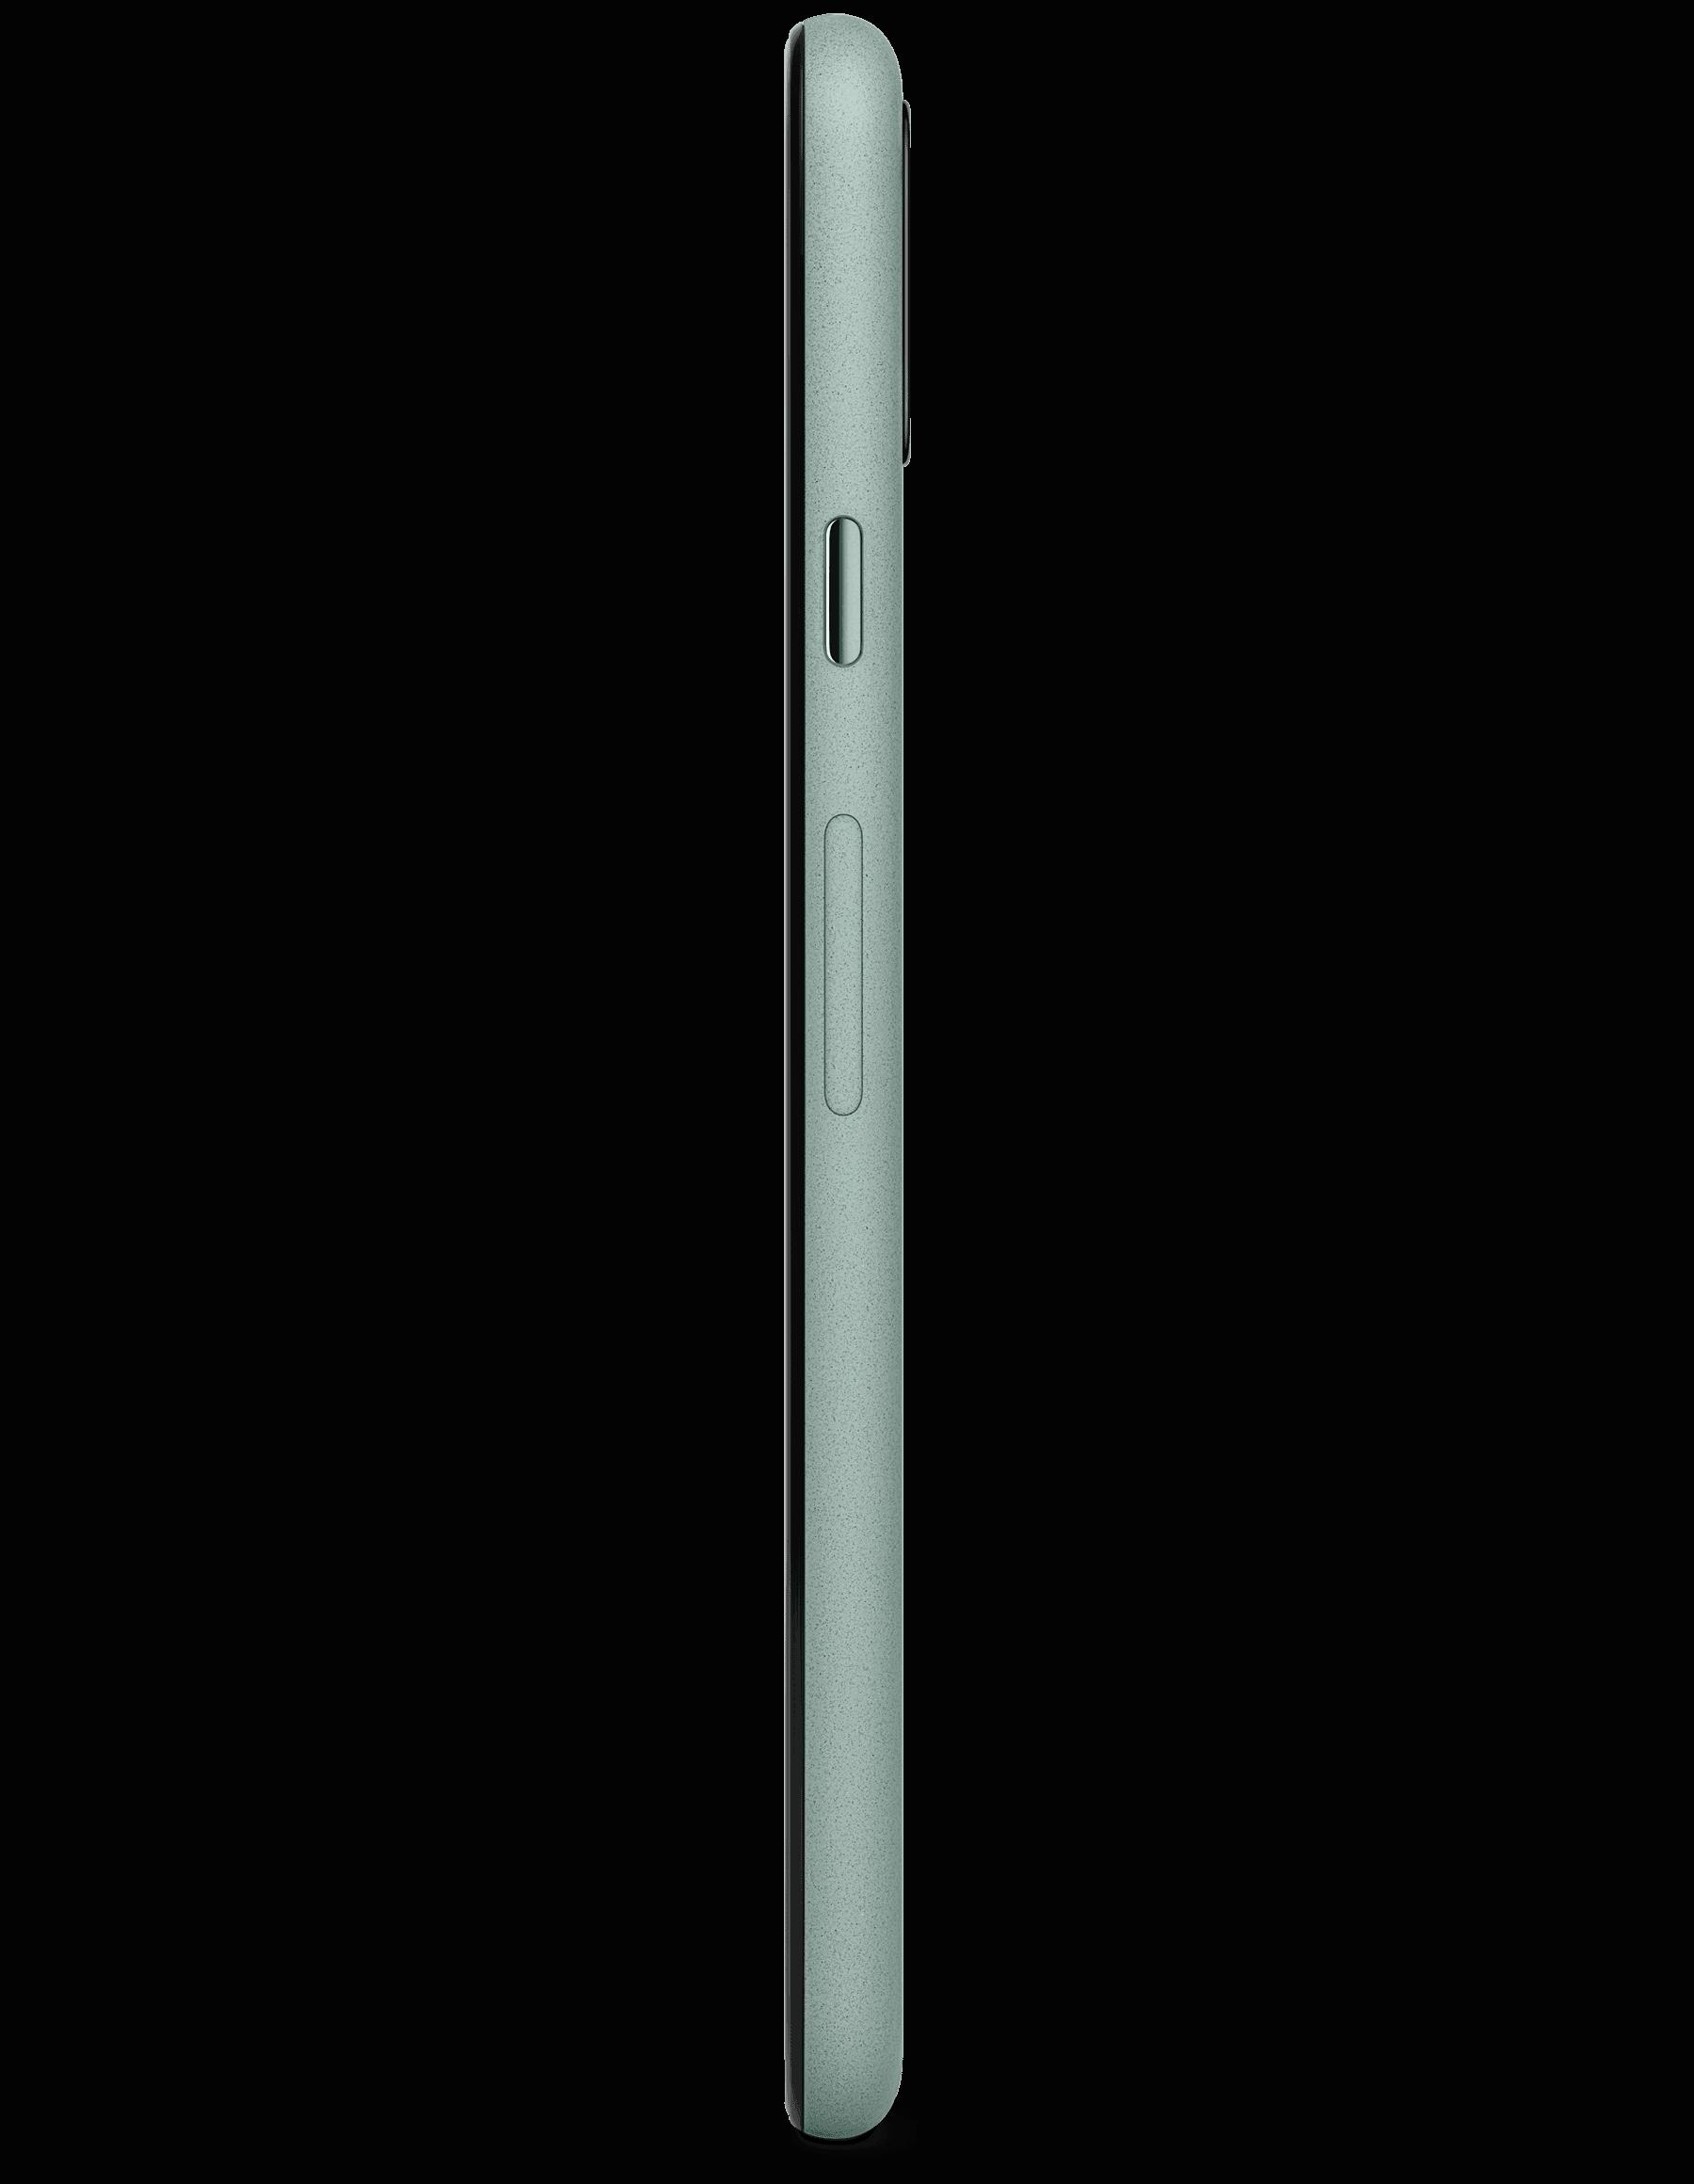 pixel 5 leak 5